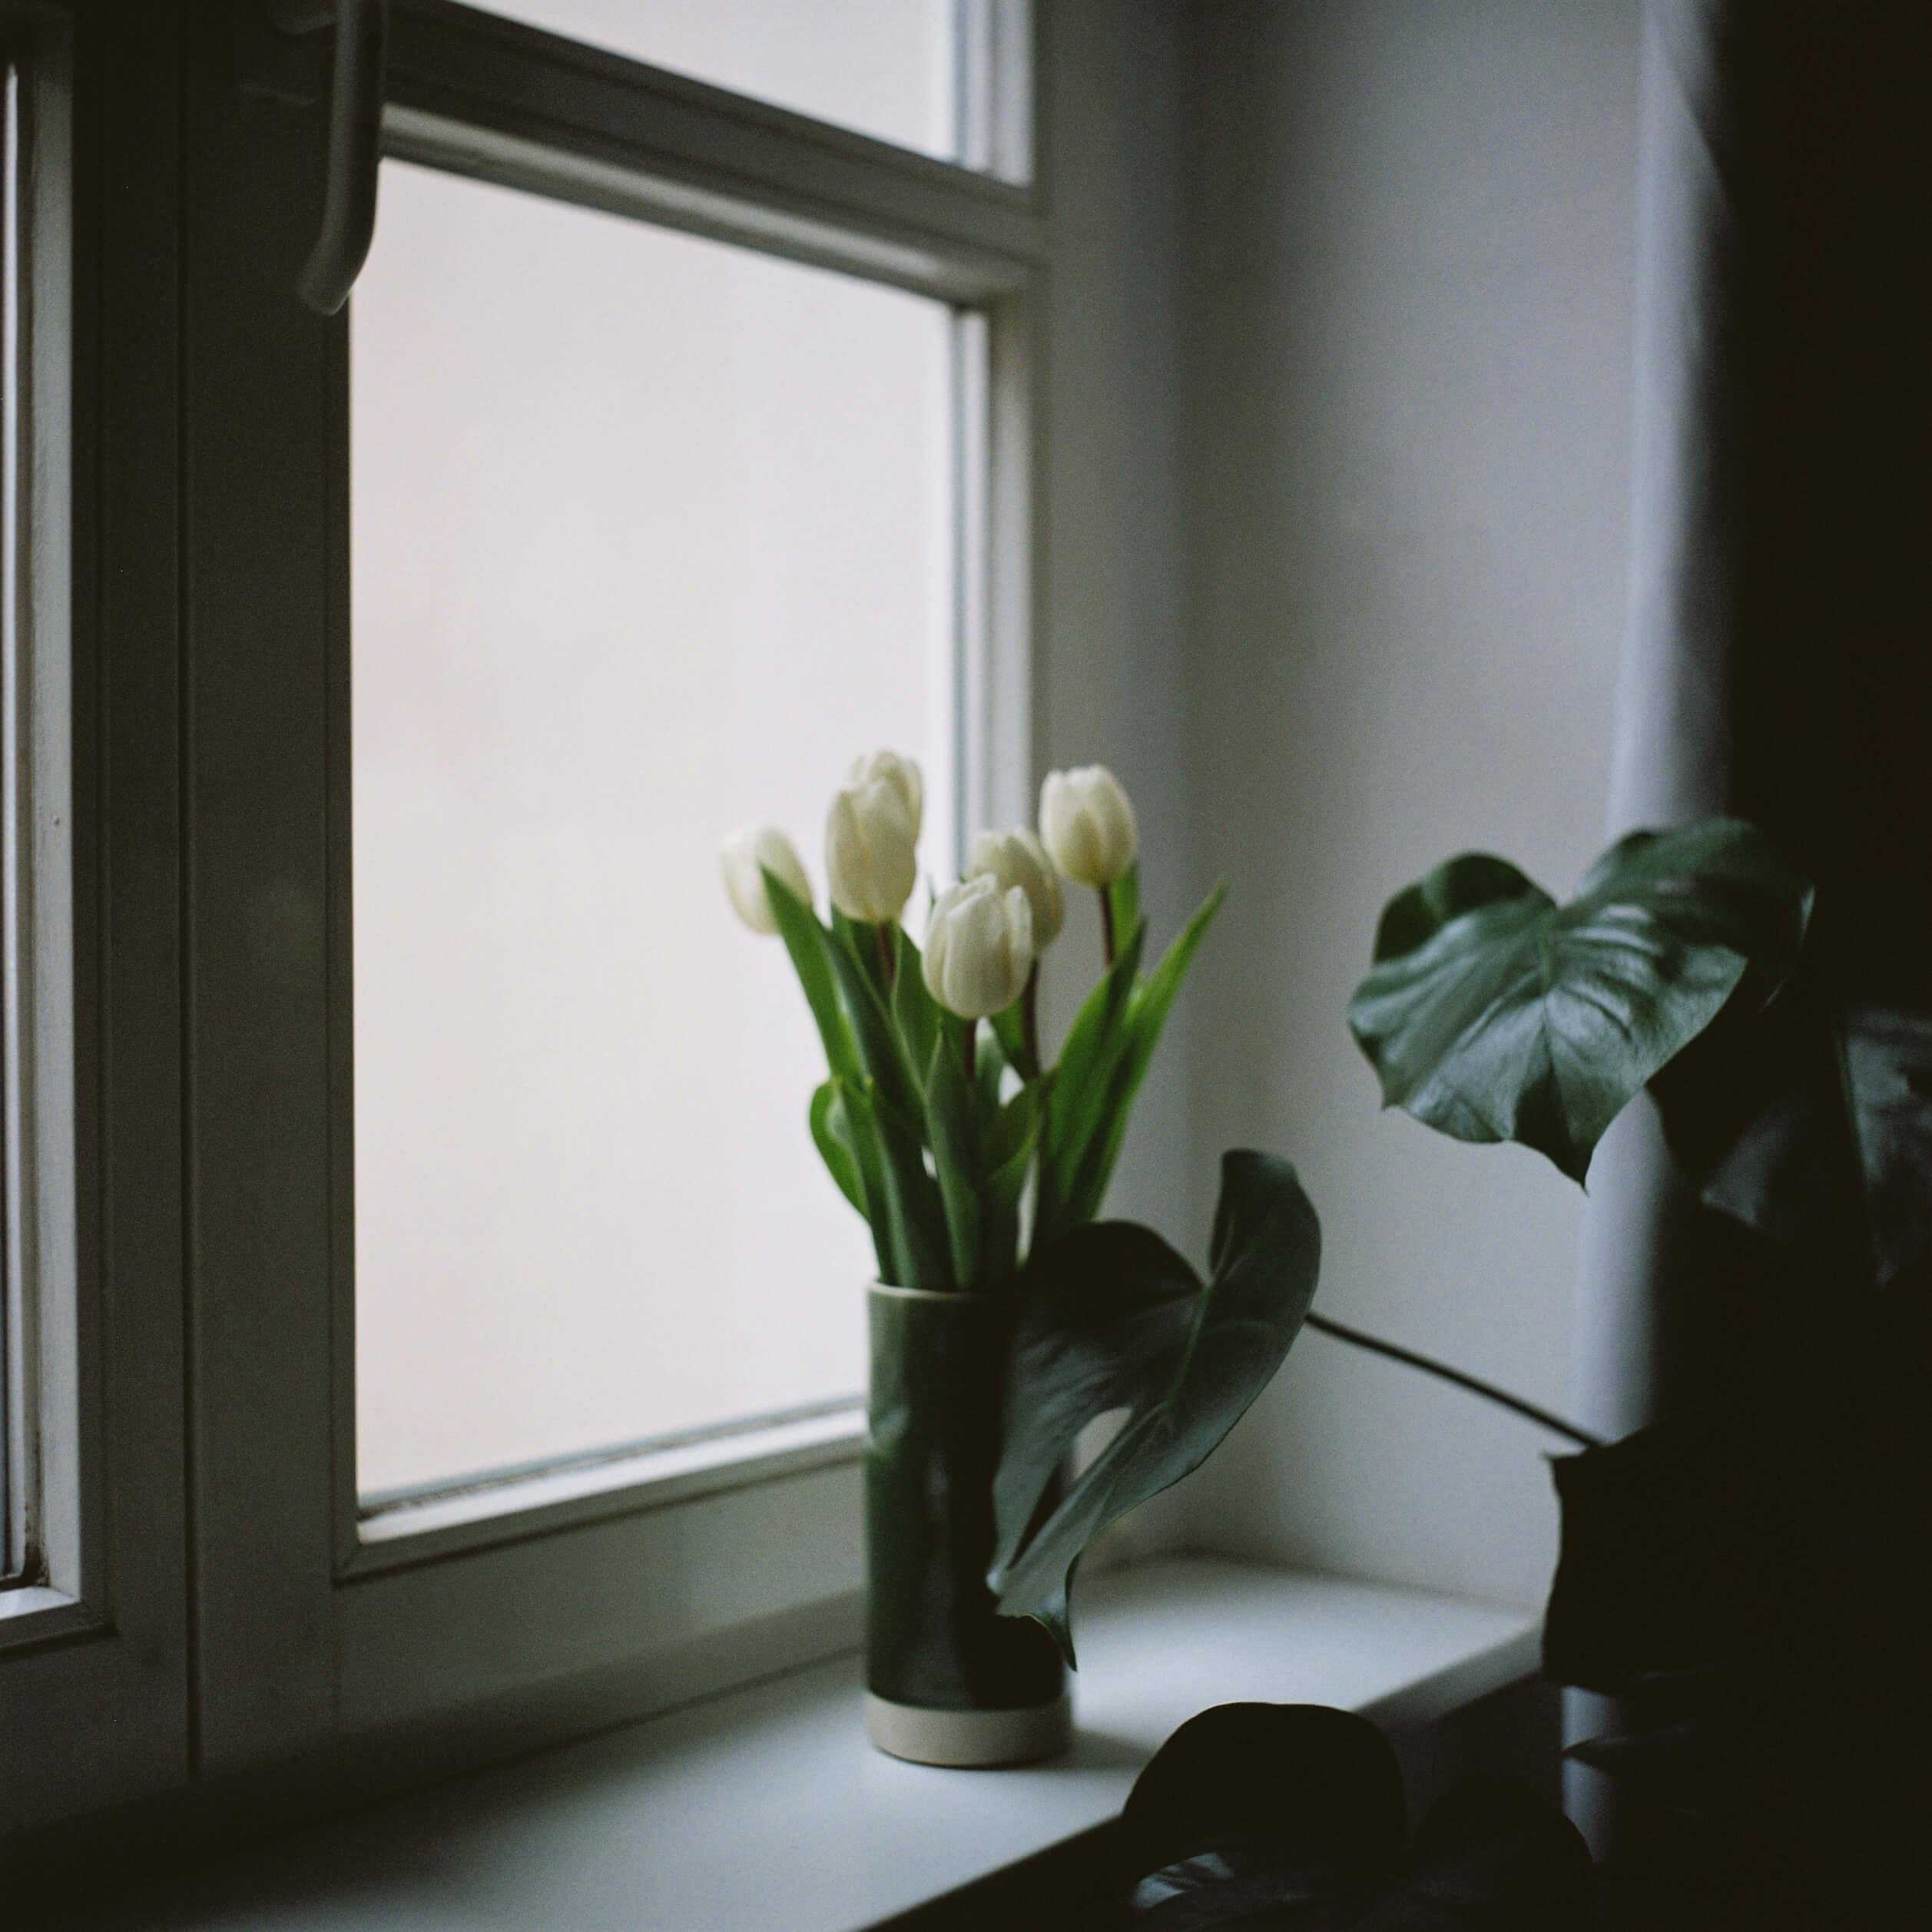 Eine grüne Vase mit weißen Tulpen auf einem weißen Fensterbrett. Vor dem Fensterbrett steht eine Monstera deliciosa. Die Stimmung ist ruhig.